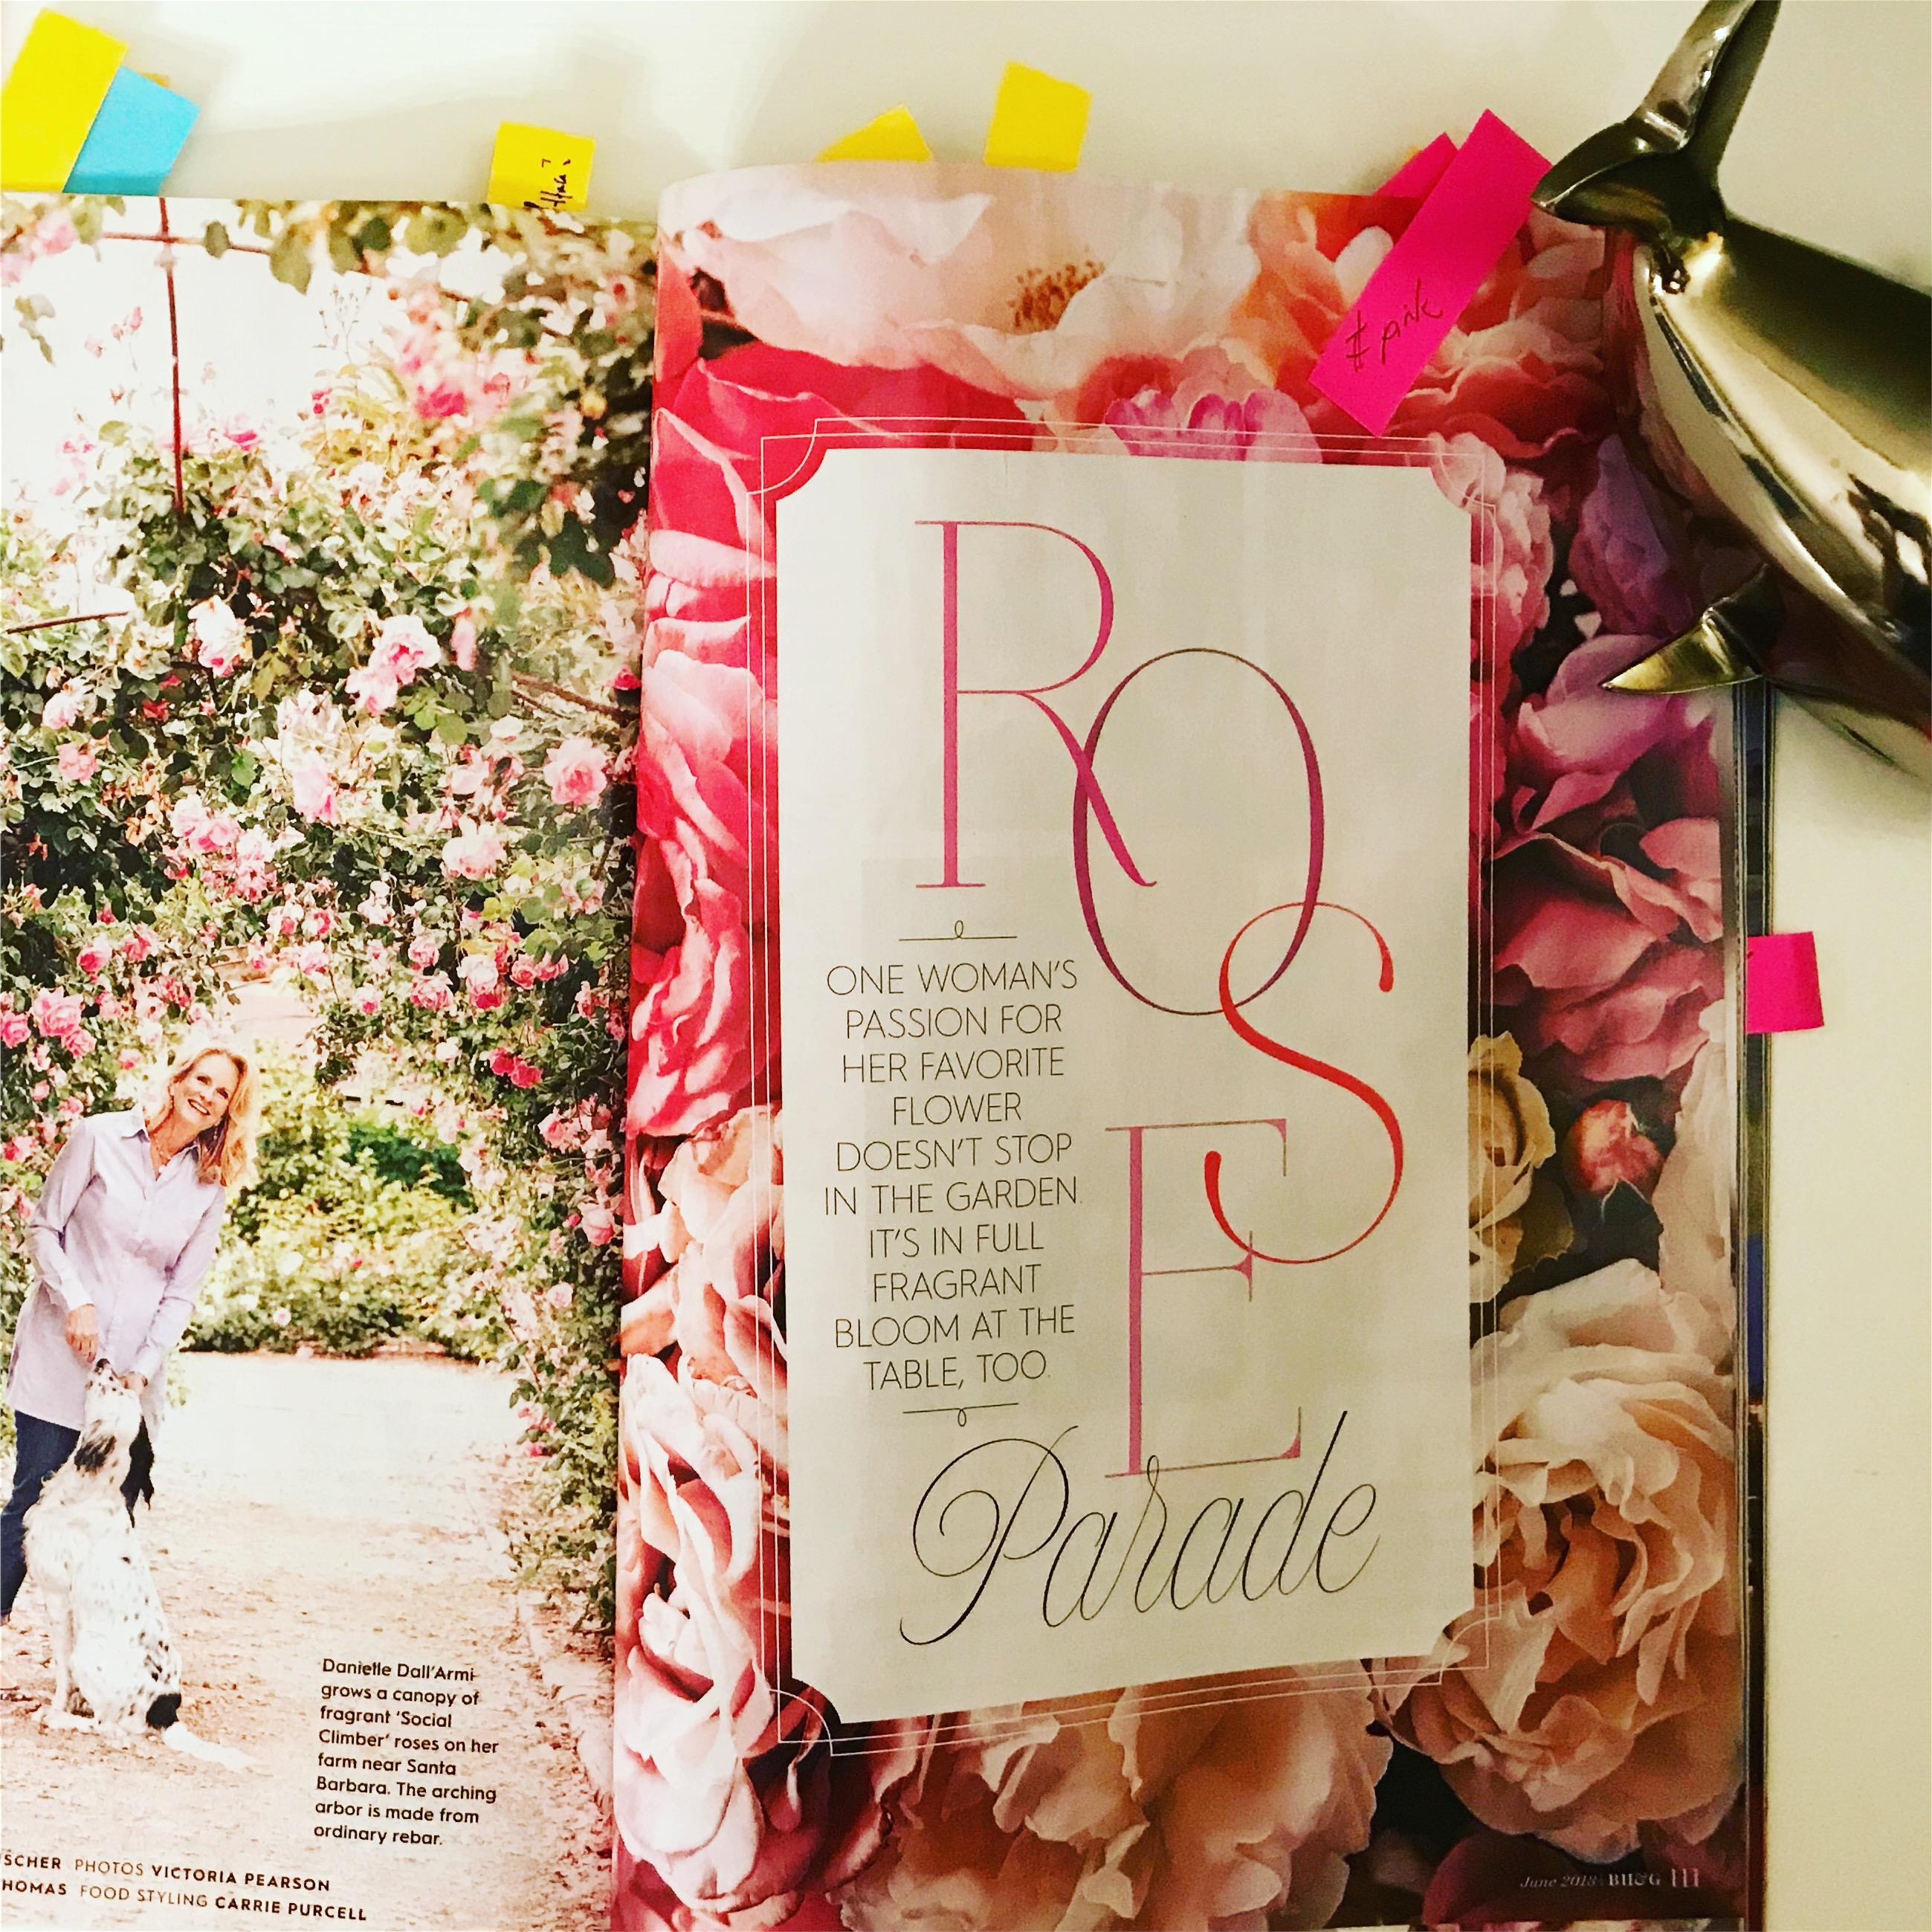 Juneissue_Rosesspread